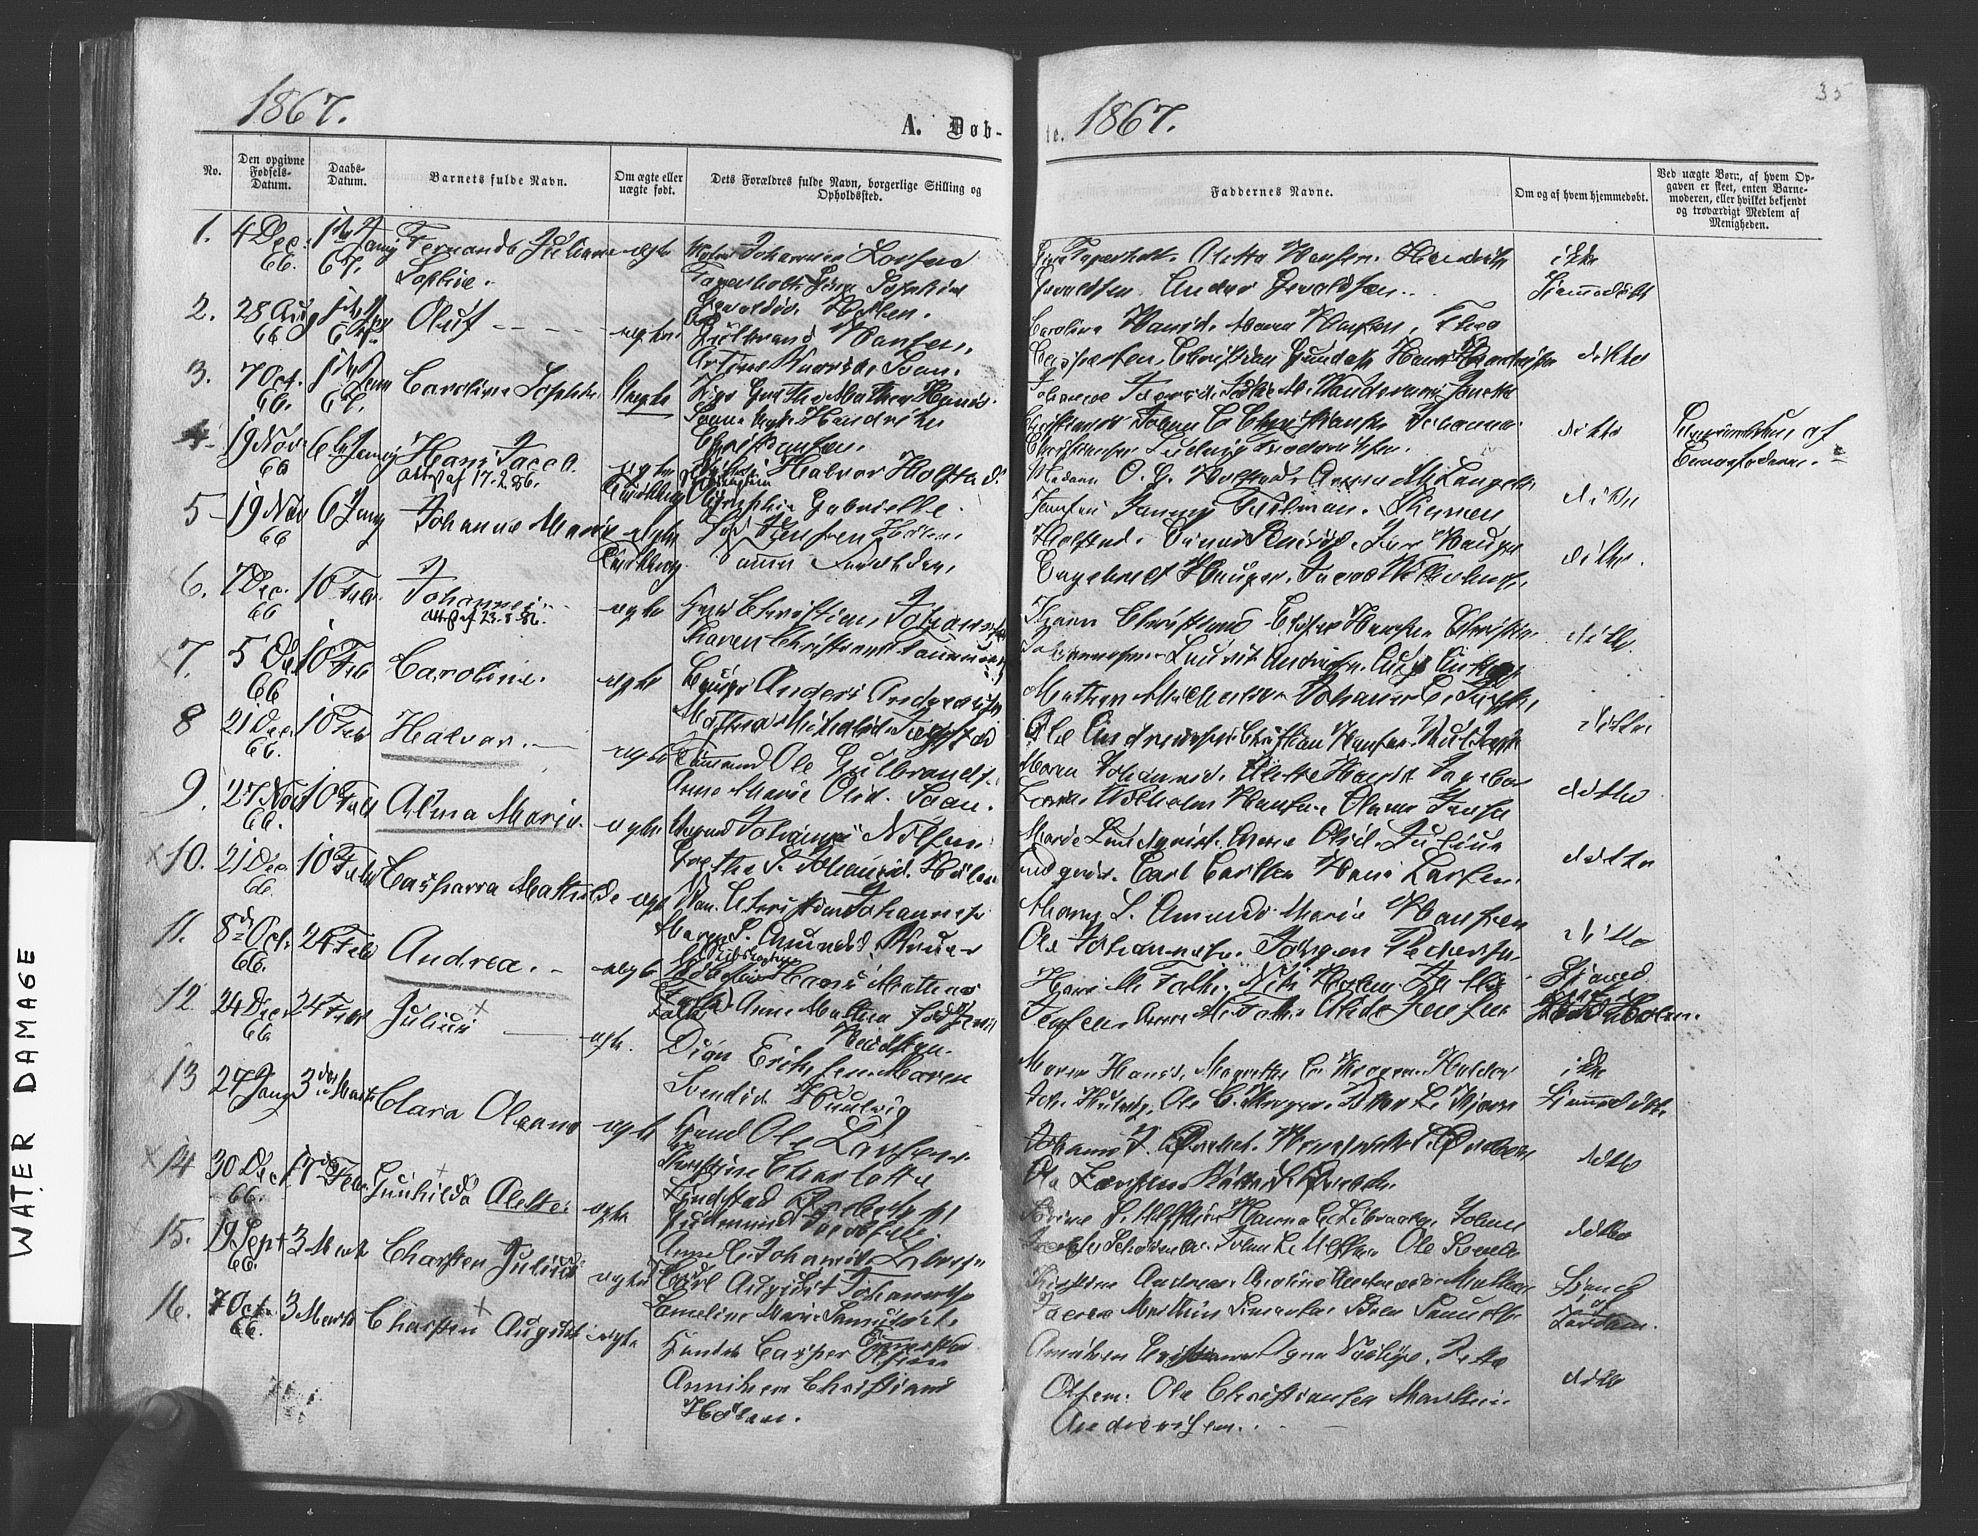 SAO, Vestby prestekontor Kirkebøker, F/Fa/L0008: Ministerialbok nr. I 8, 1863-1877, s. 35